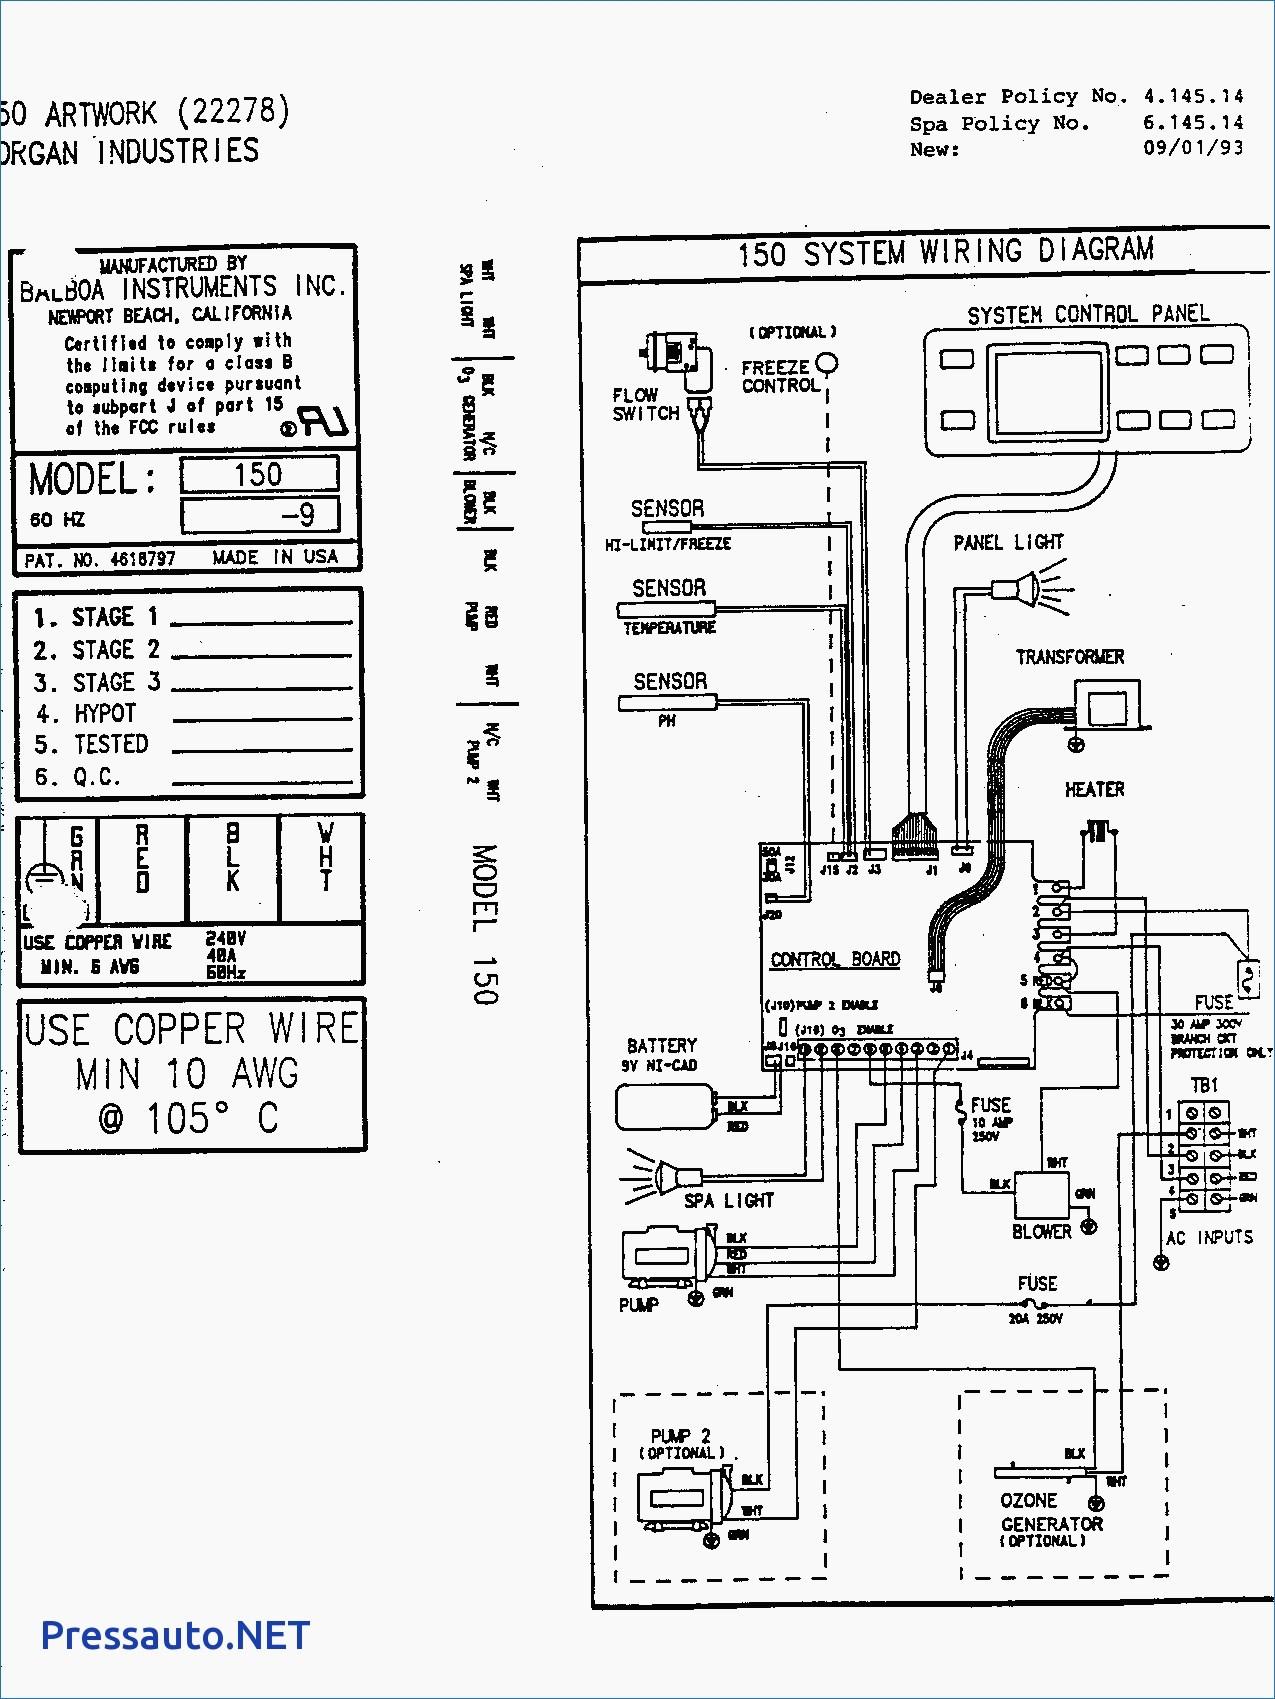 4 Wire Diagram Hot Tub - Wiring Diagram Schematics  Wire Spa Power Wiring Diagram on